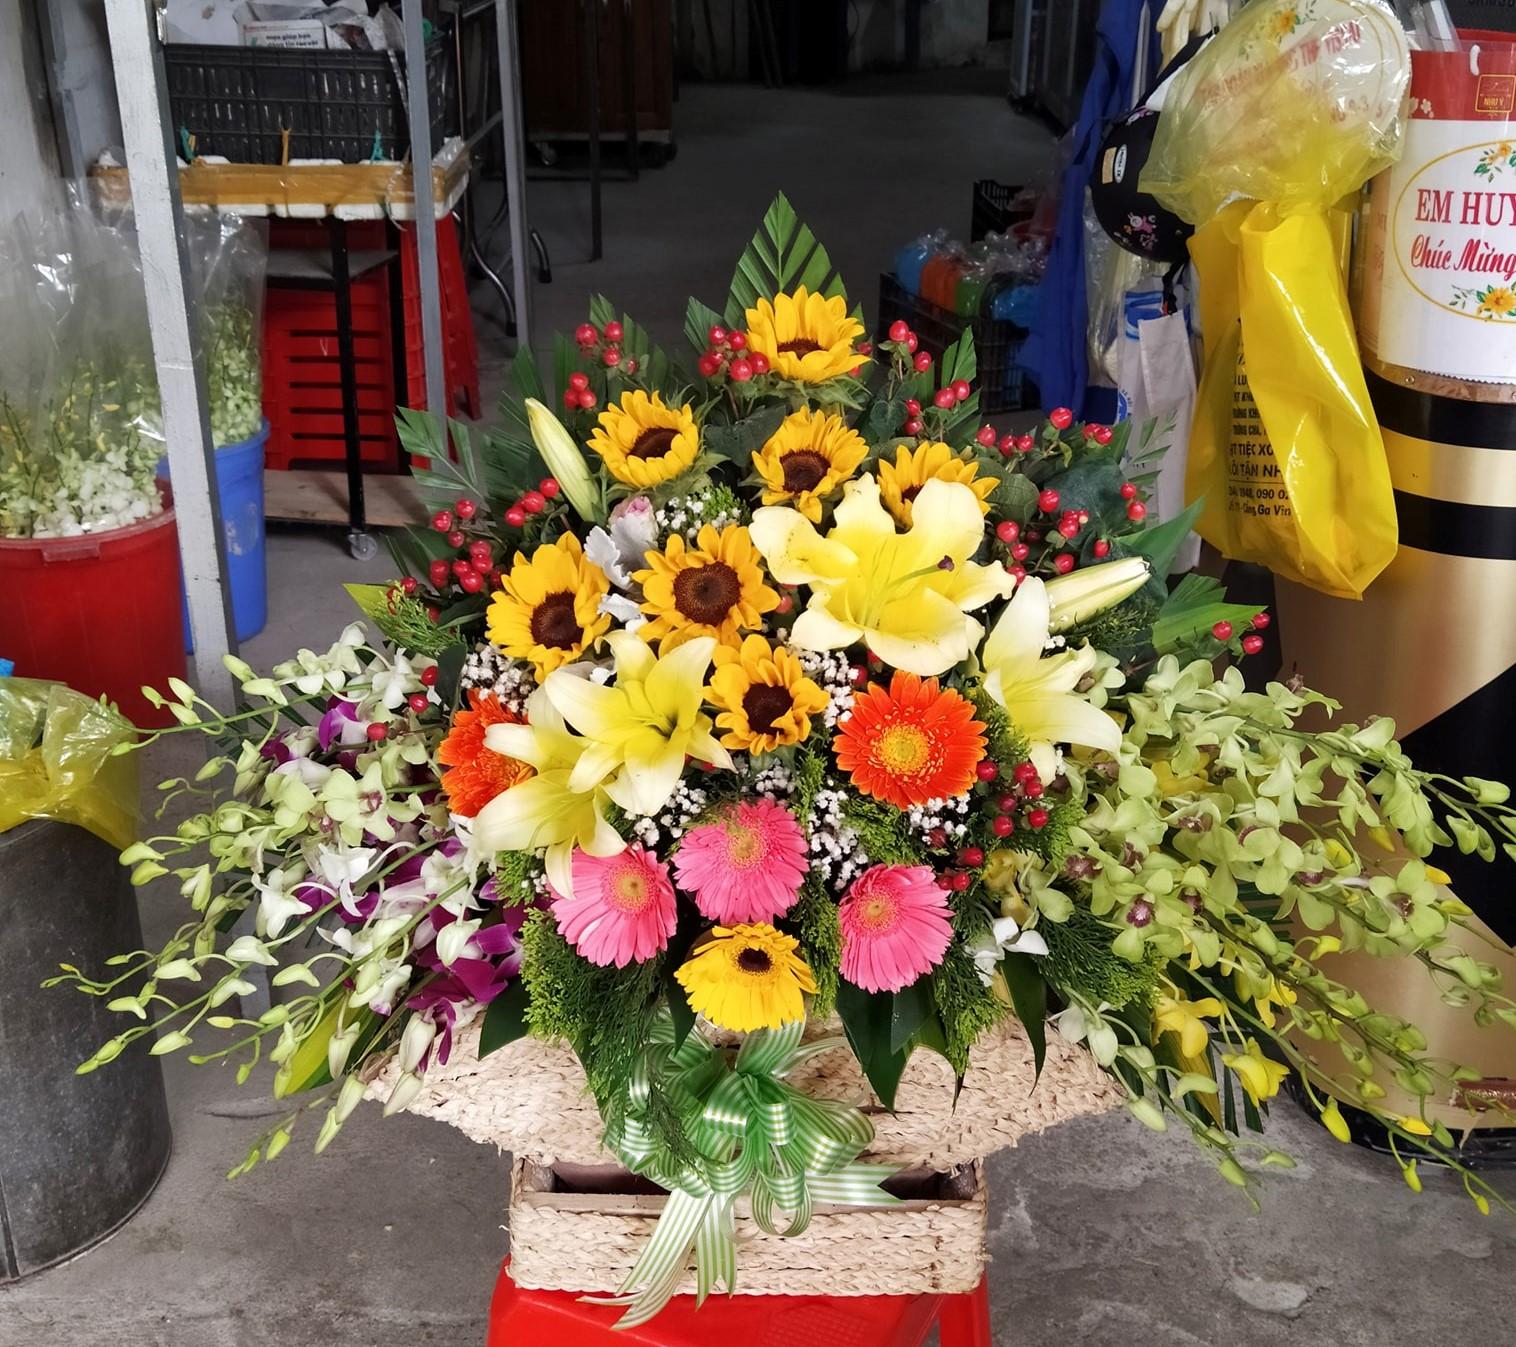 Cửa hàng hoa tươi thành phố Vinh